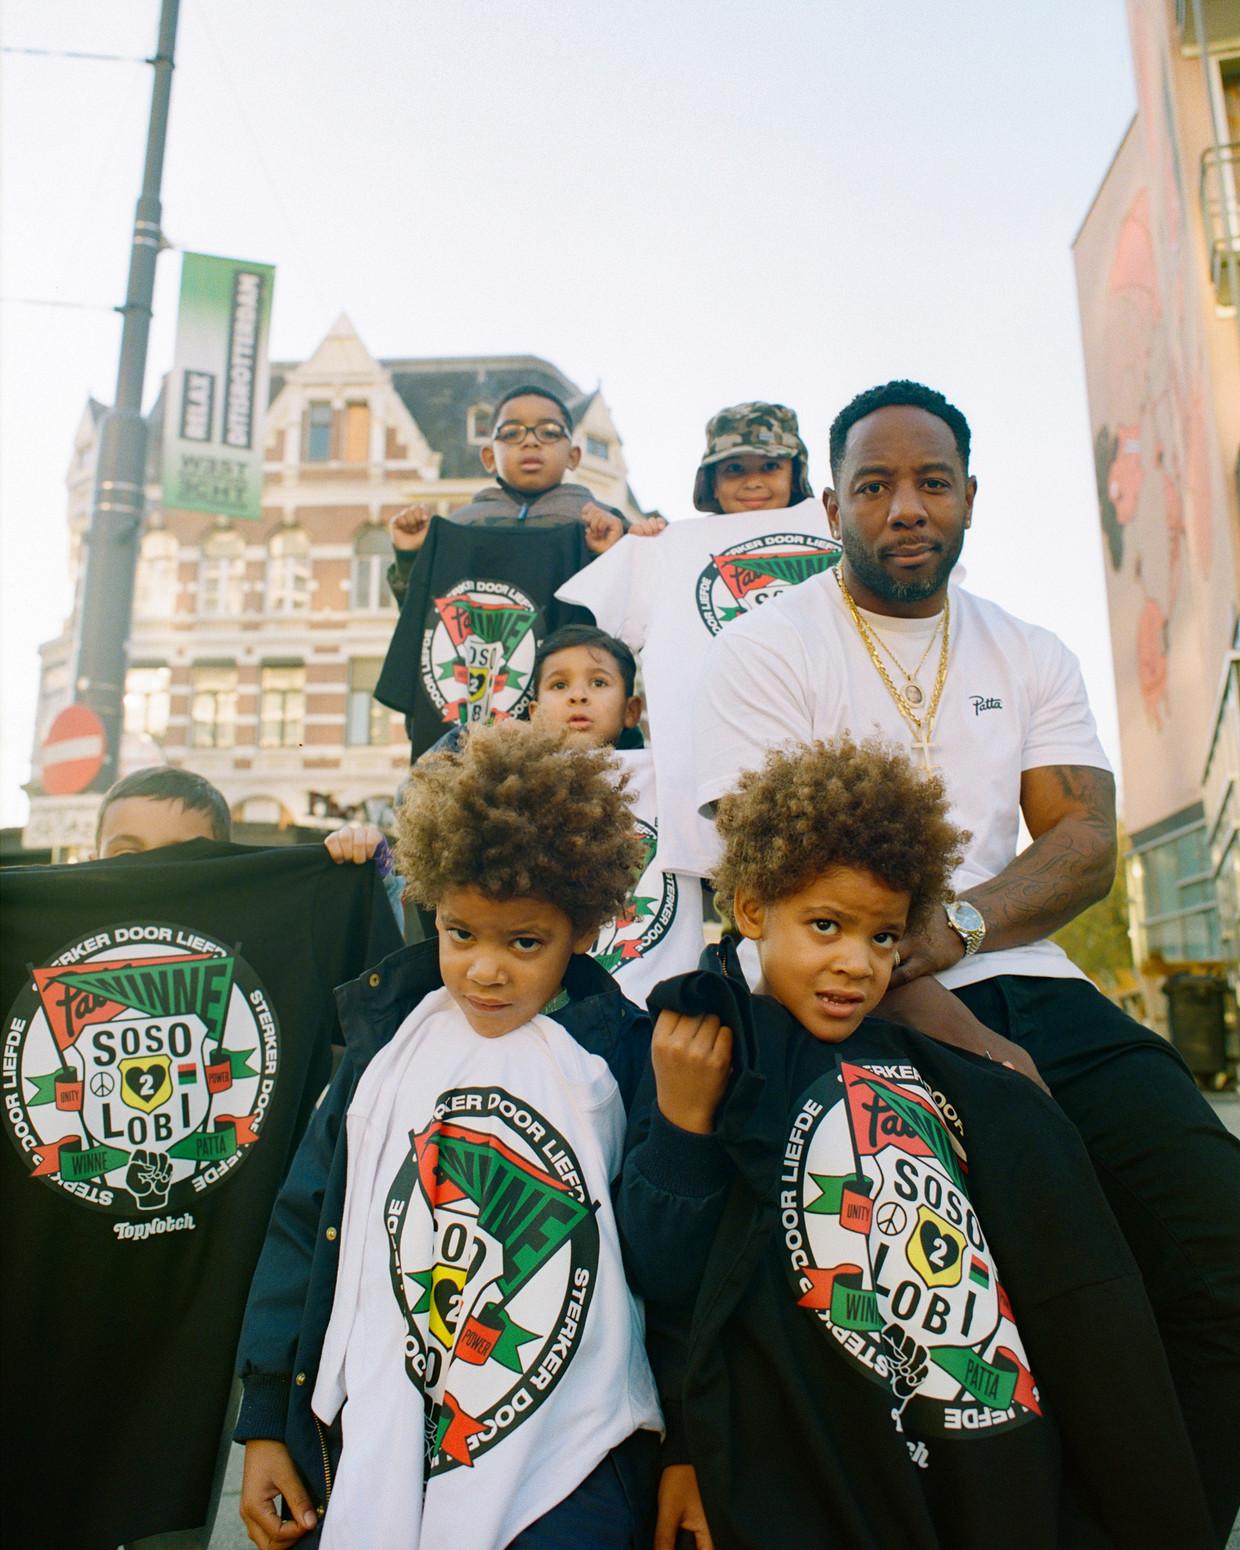 Rapper Winne: 'Ik dacht: als iedereen nu naar me luistert, wat wil ik ze dan vertellen?'  Beeld Stacii Samidin